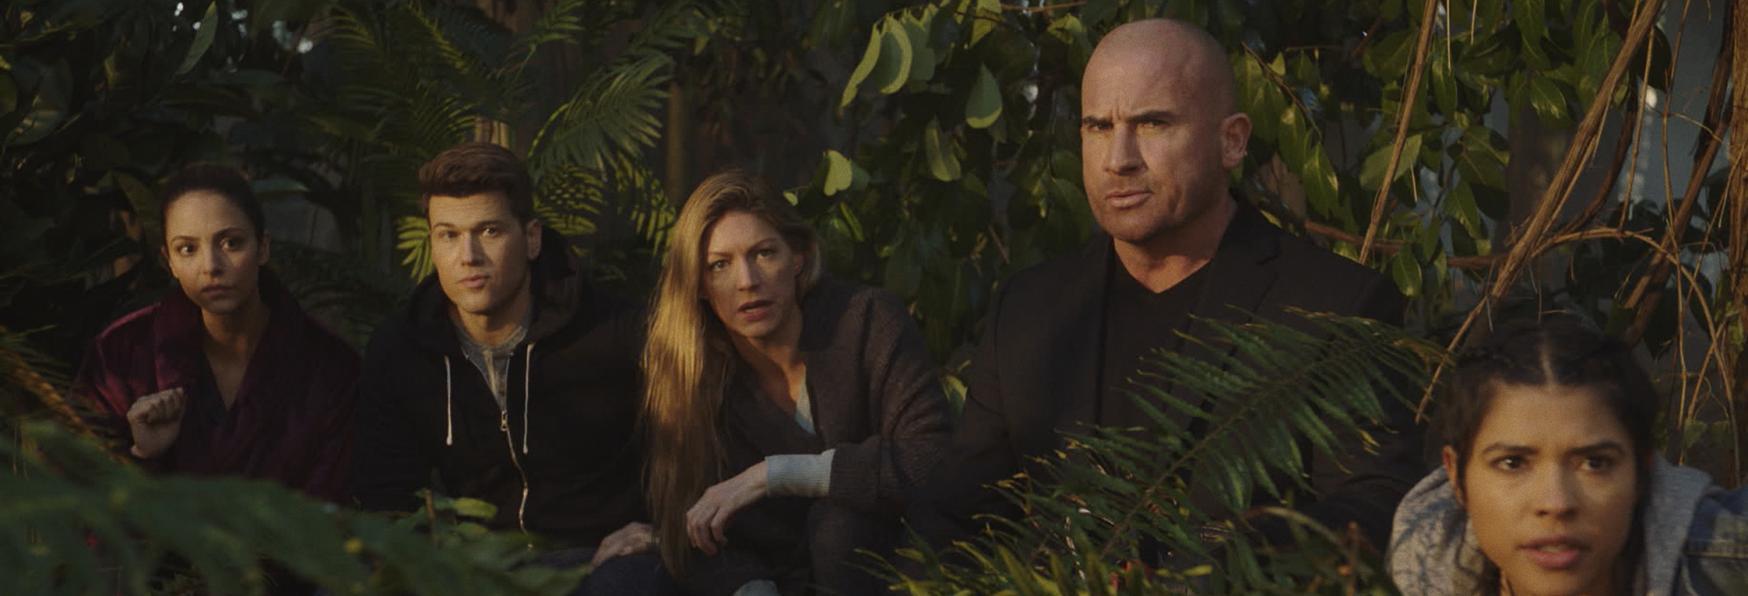 """Legends of Tomorrow 6: svelata la Sinossi del Decimo Episodio, intitolato """"Bad Blood"""""""